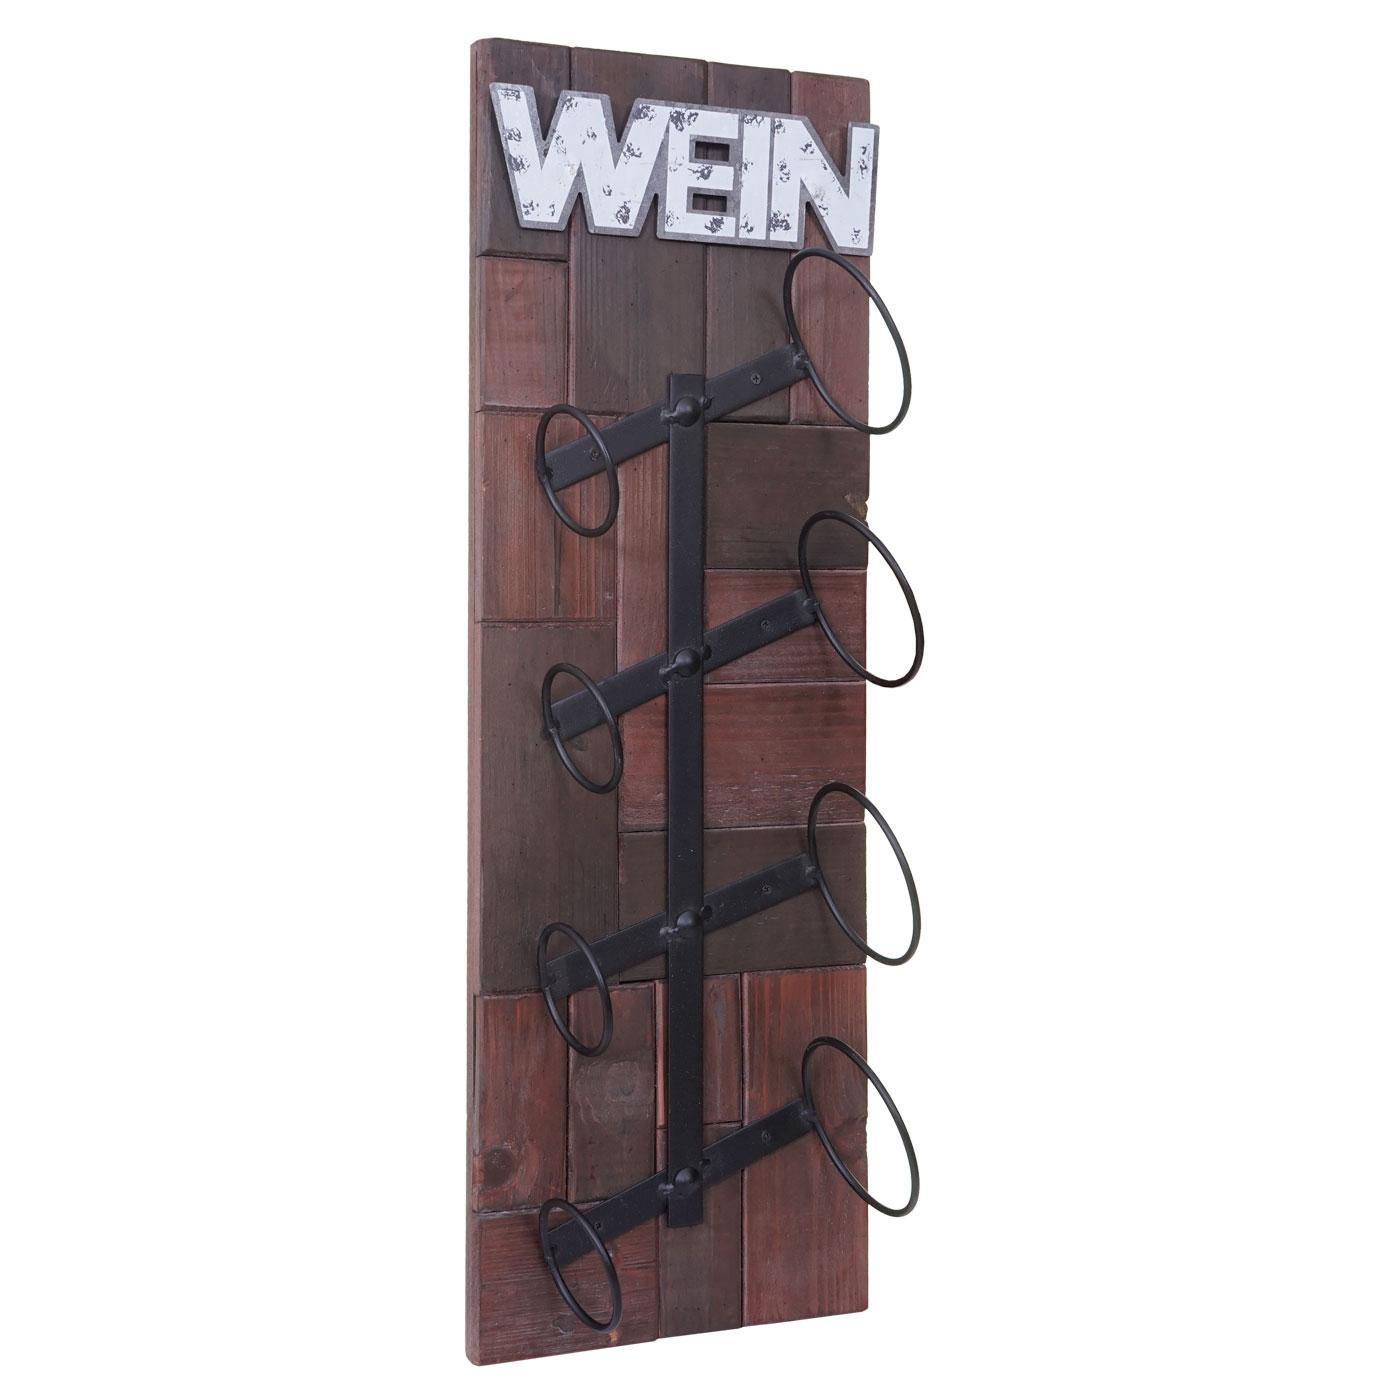 weinregal hwc a90 wandregal flaschenhalter holz metall f r 4 oder 6 flaschen ebay. Black Bedroom Furniture Sets. Home Design Ideas